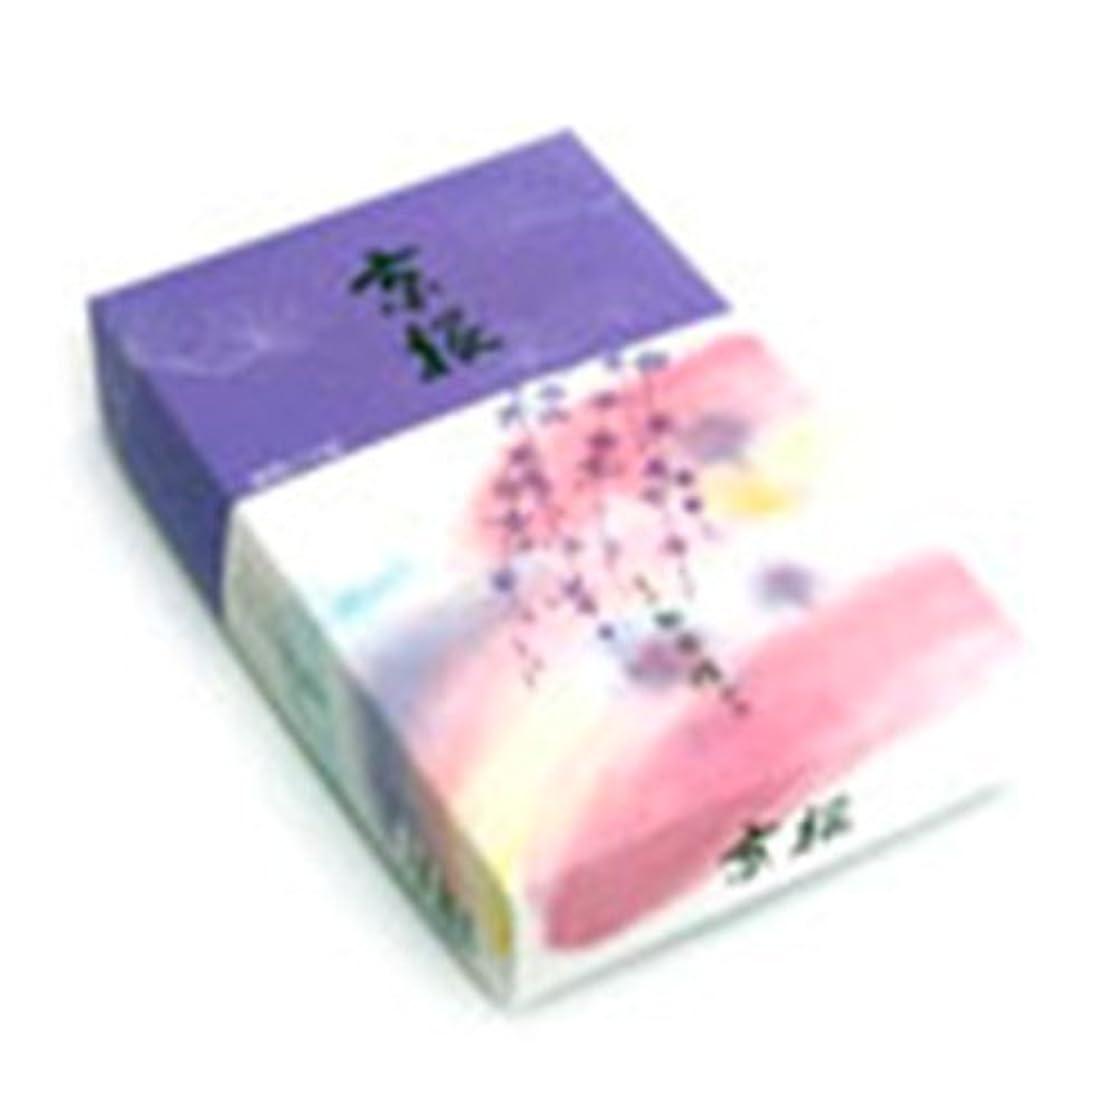 謙虚なホストスカルクShoyeido's Kyoto Cherry Blossoms Incense, 450 Sticks - Kyo-zakura, New, Free Shi